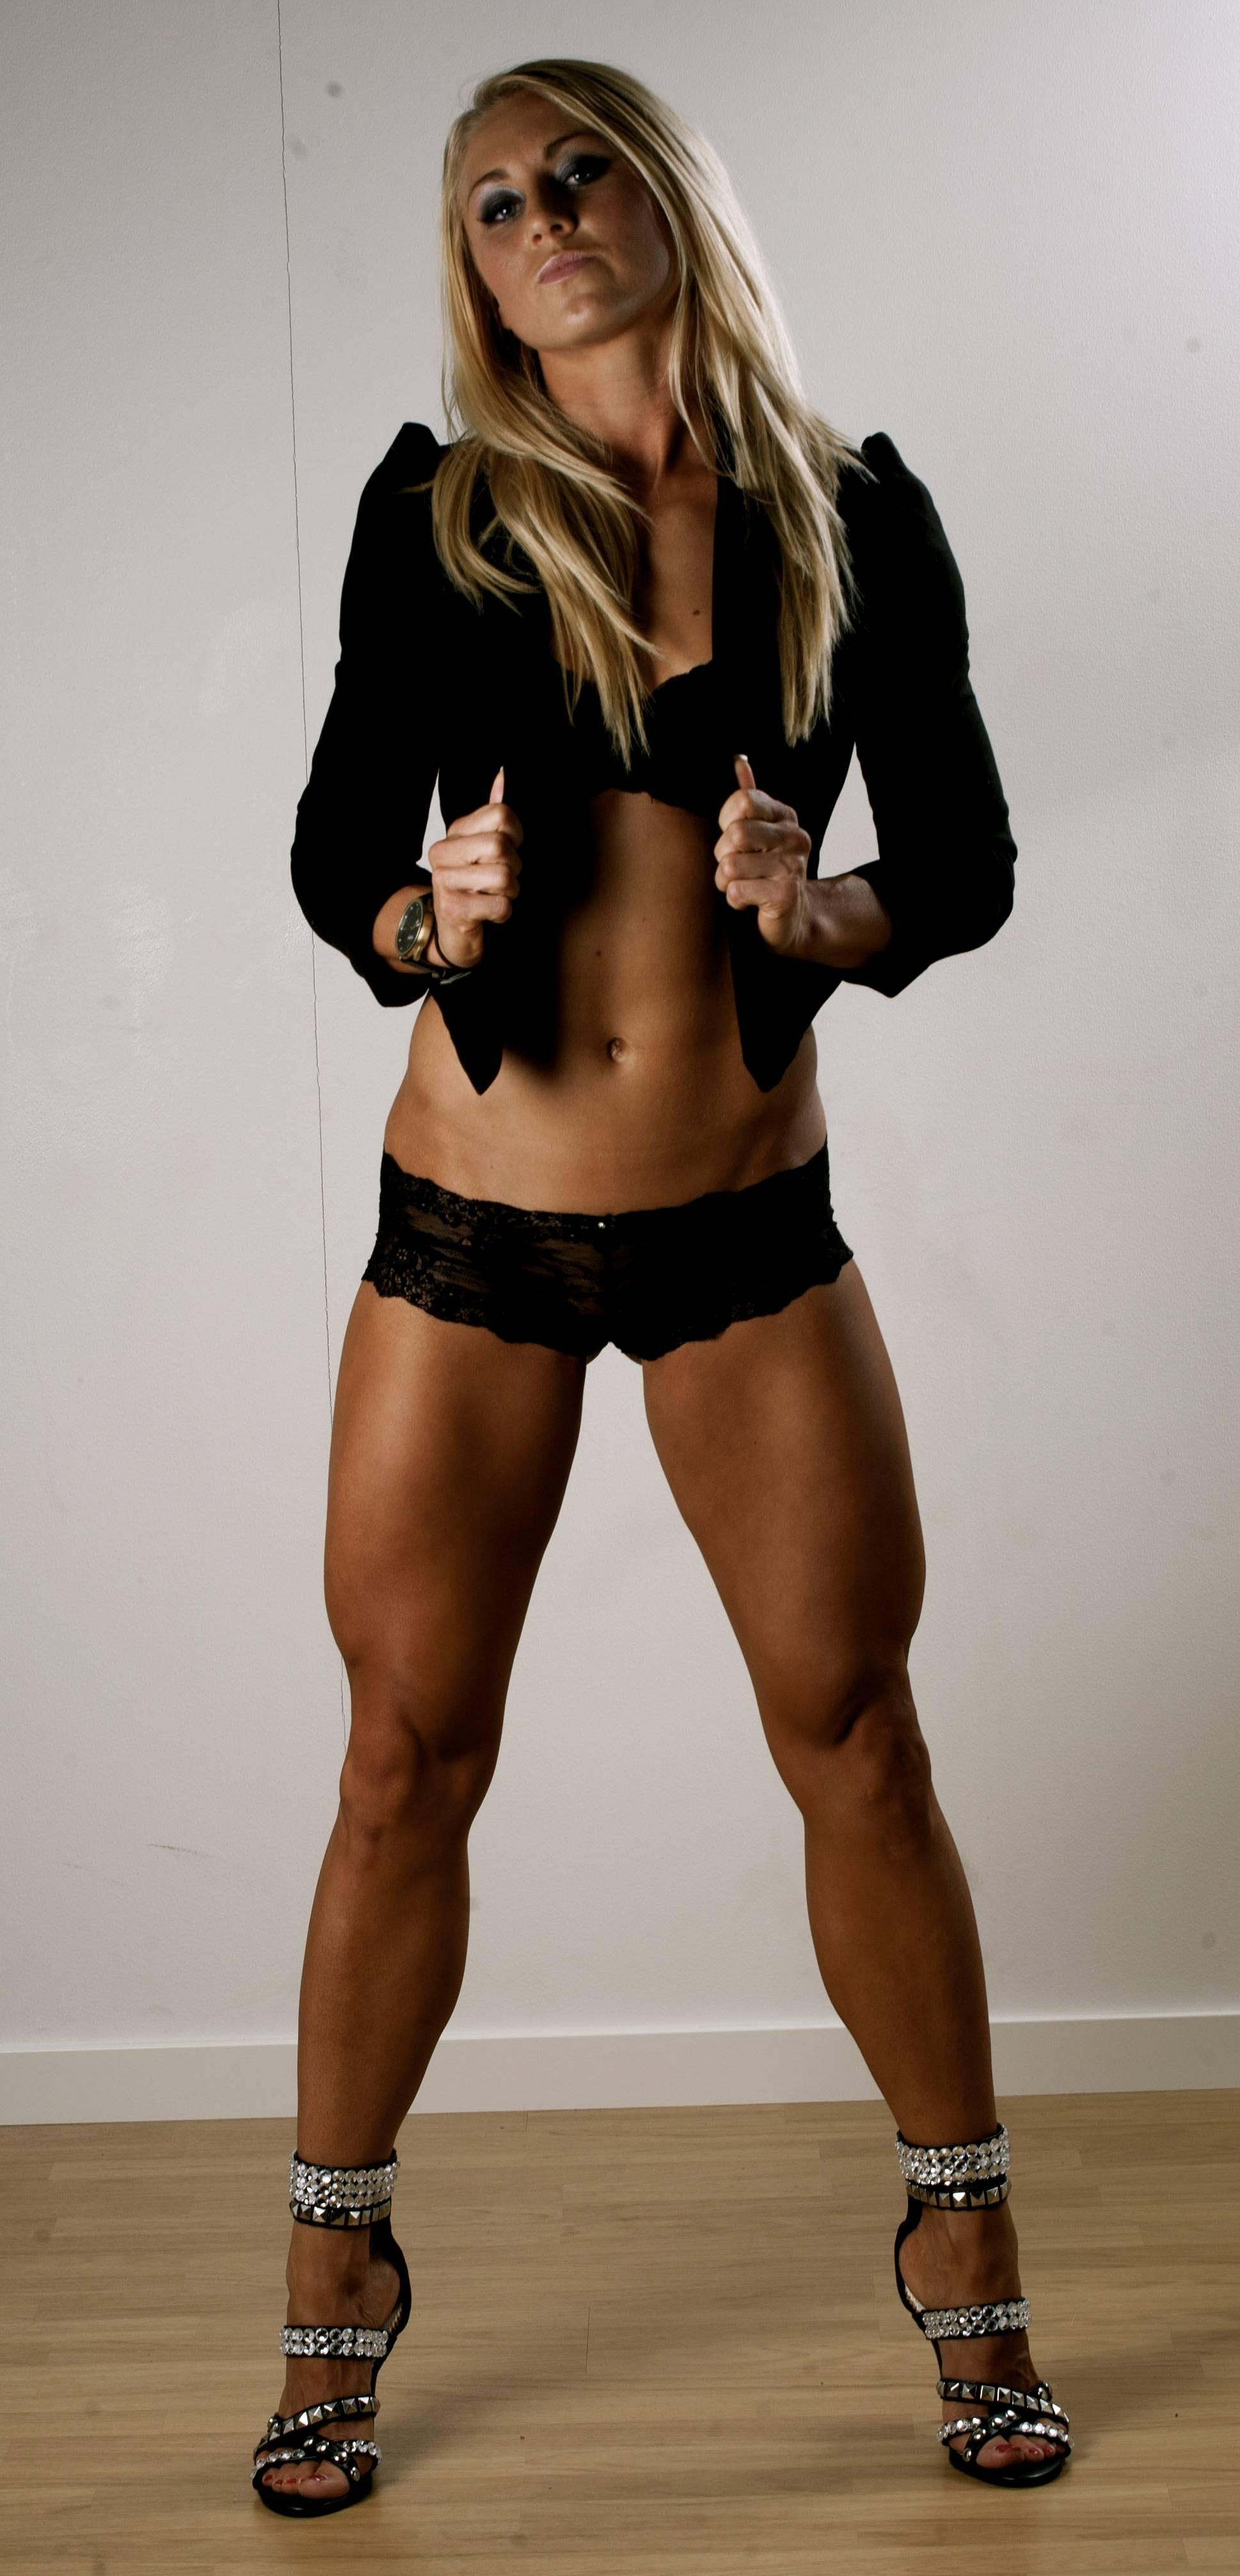 Фото спортивных девочек ножки 1 фотография